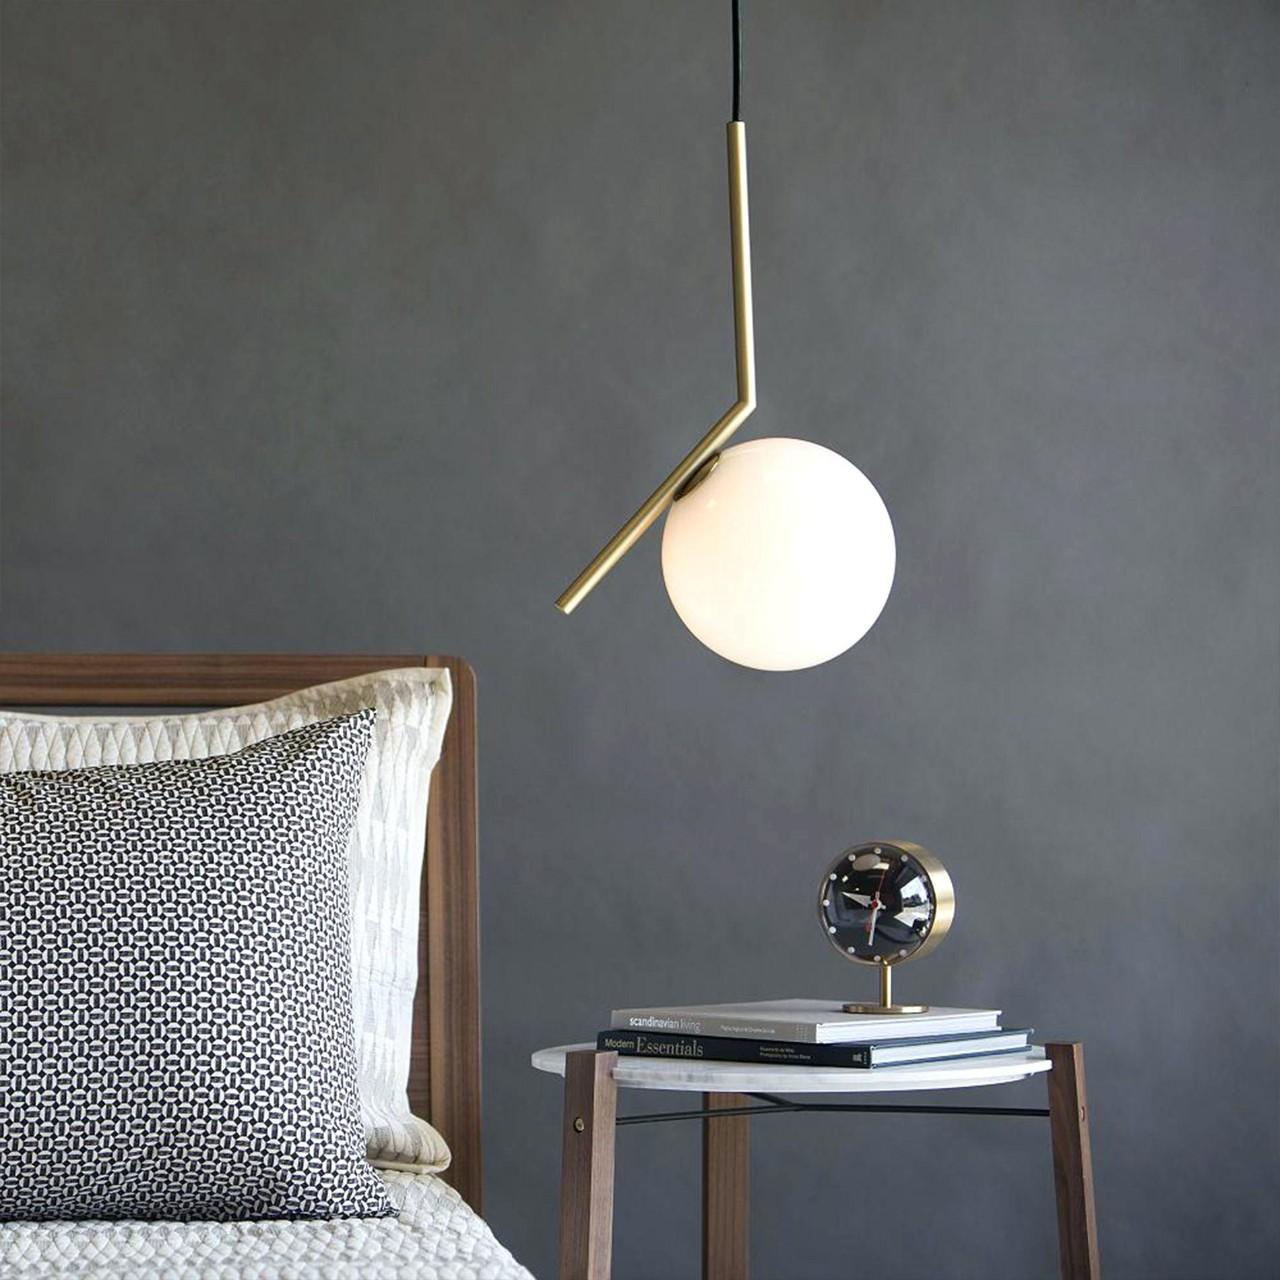 什麼樣的小吊燈才吸引人?看看這 7 個設計......插图(20)